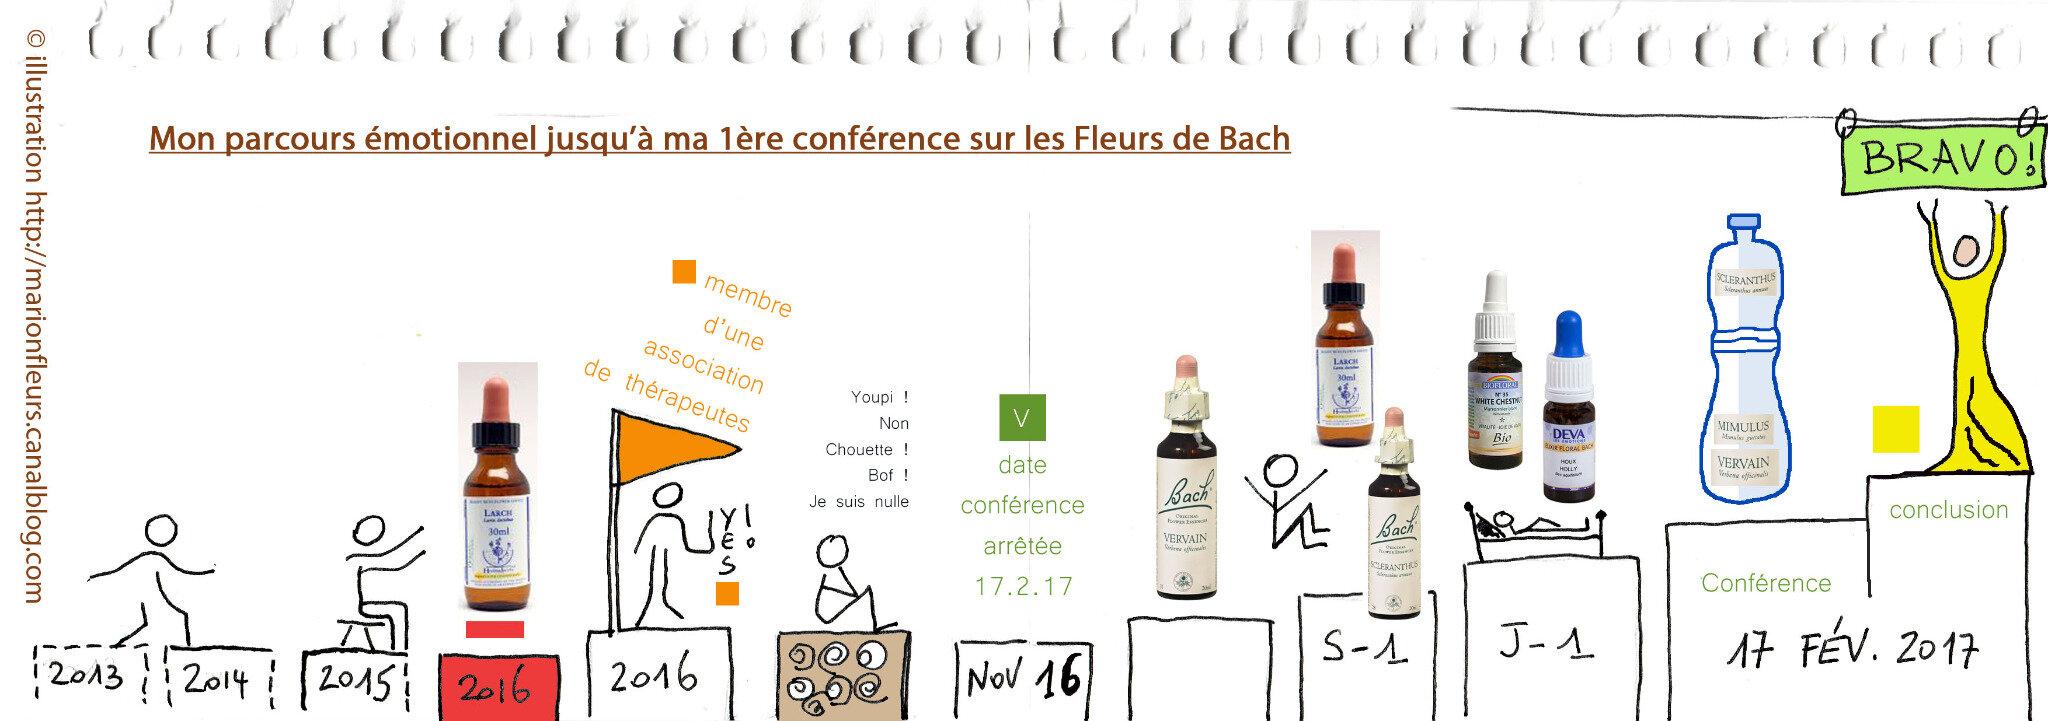 Je donne ma 1ère conférence sur les Fleurs de Bach - cheminement de mes émotions / Article de Nathalie / FDB : variées